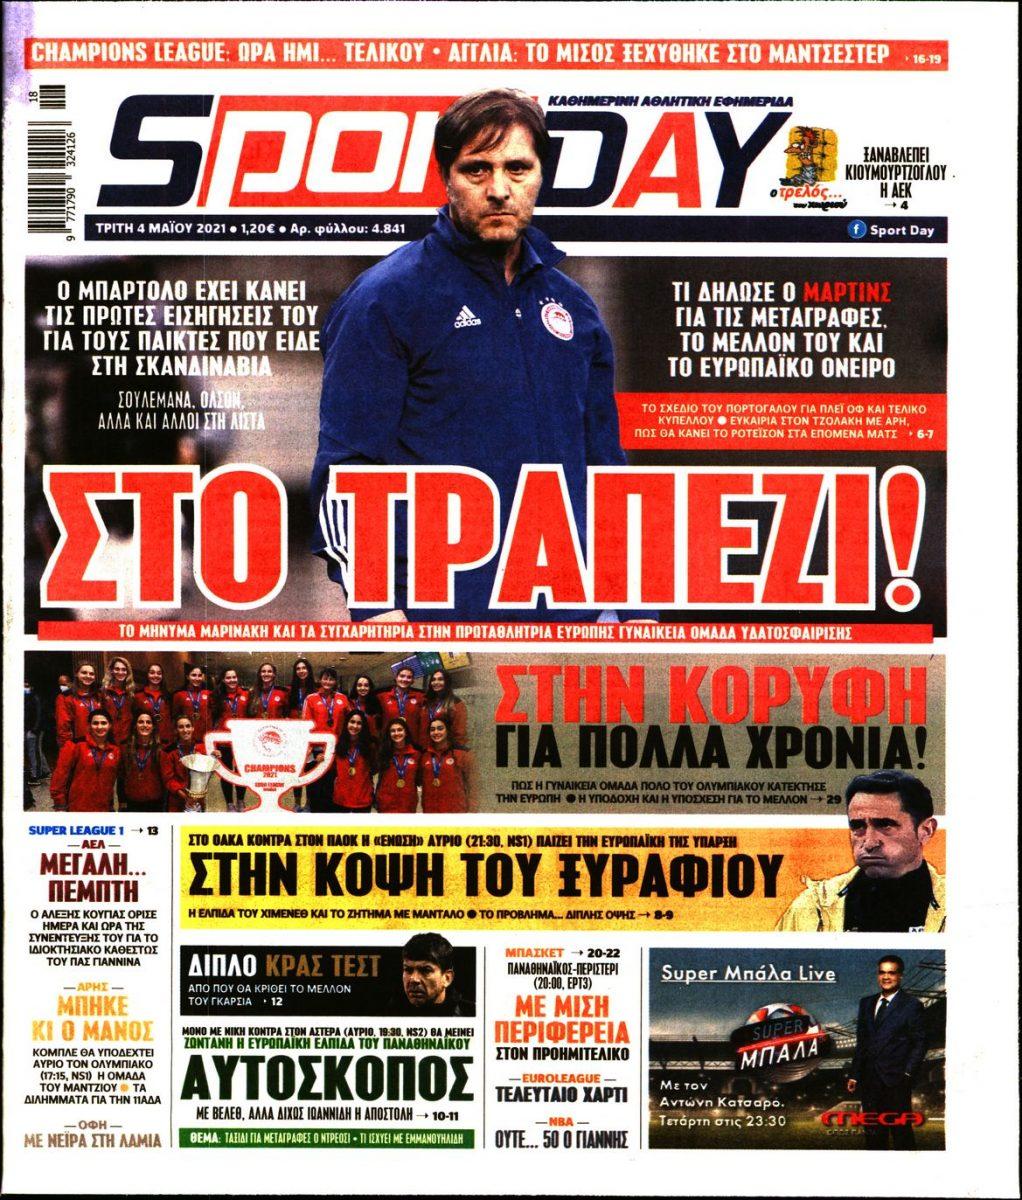 Εξώφυλλο - sportday-20210504